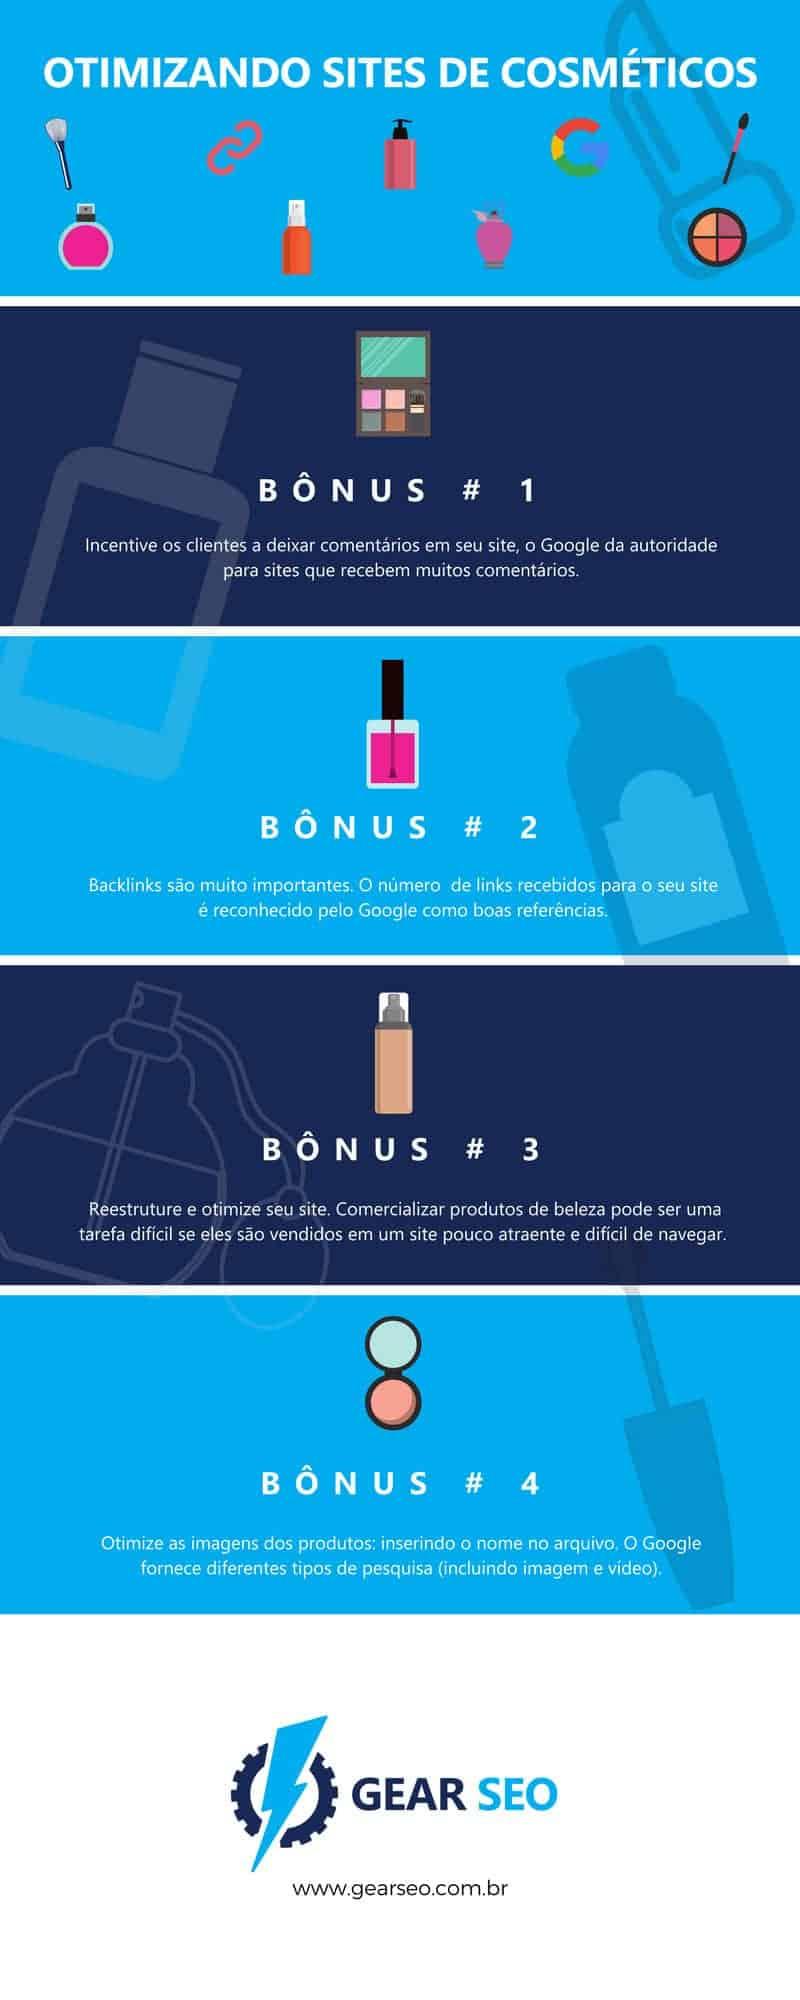 SEO para o mercado de cosméticos